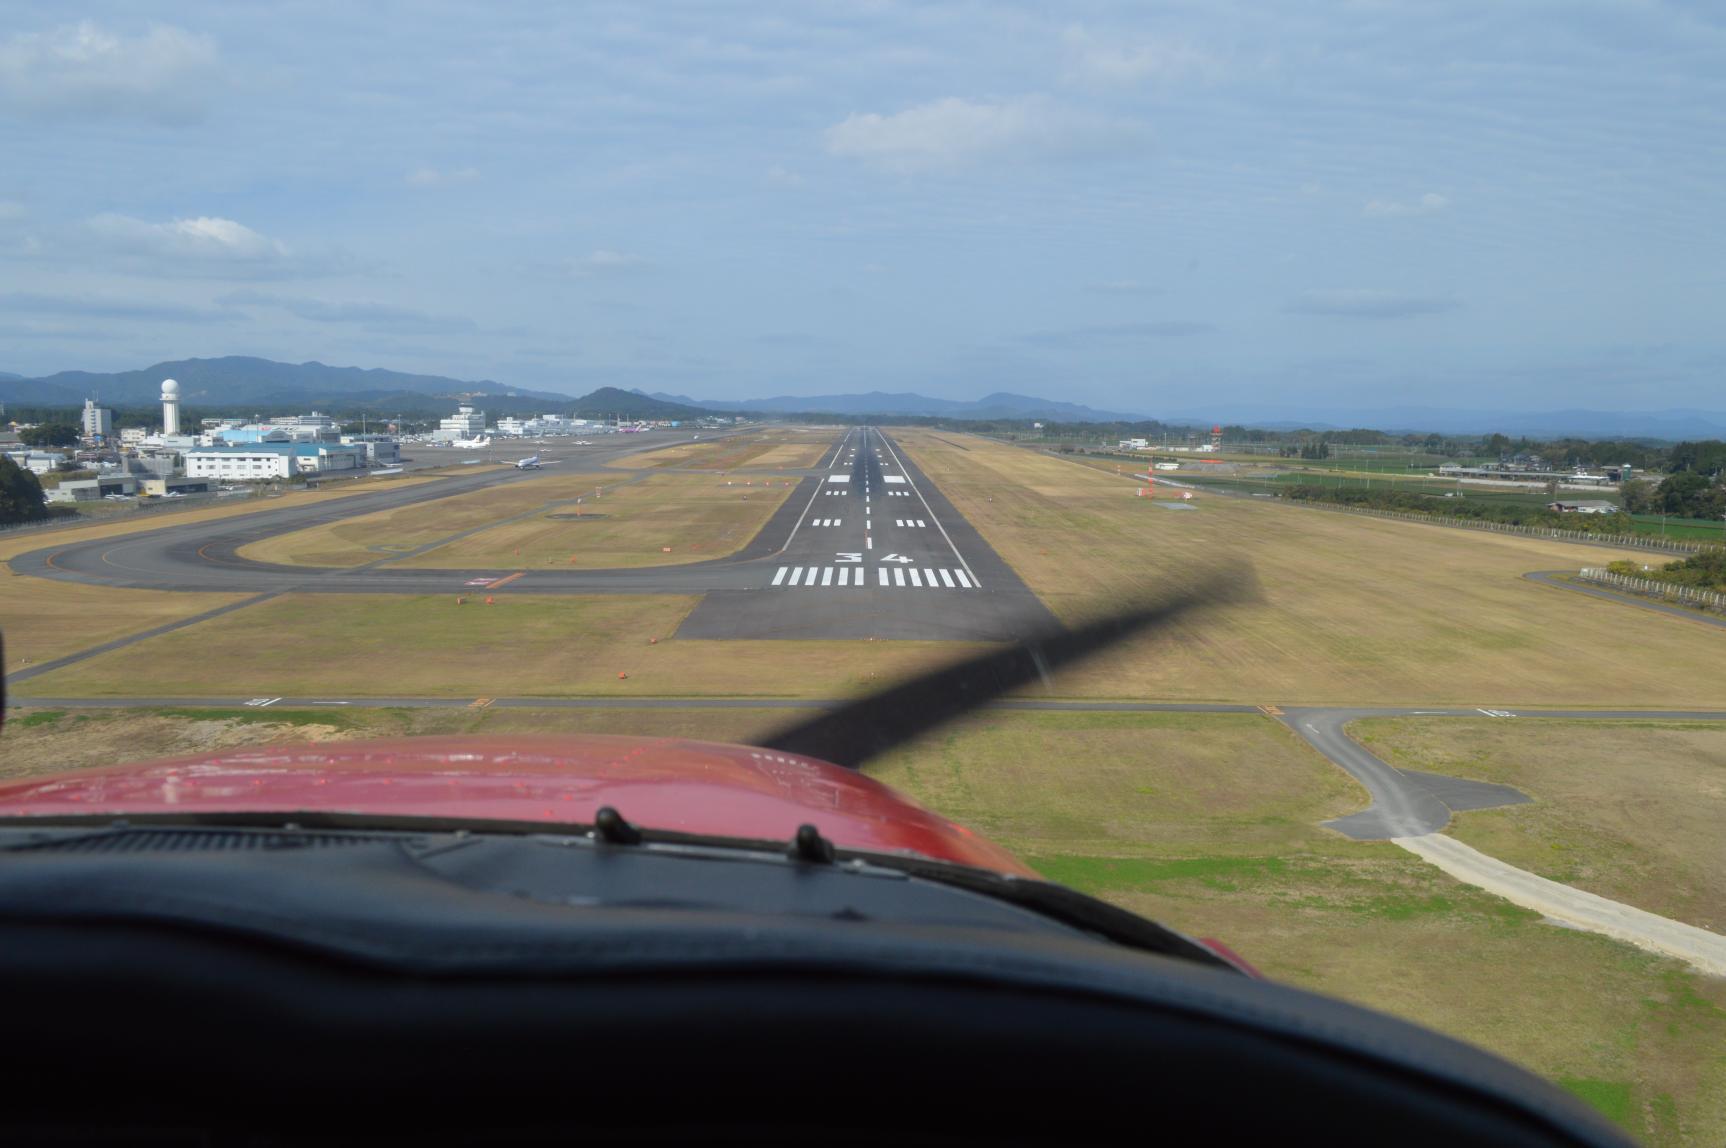 いざ、鹿児島の大空へ!パノラマの景色を楽しもう-9